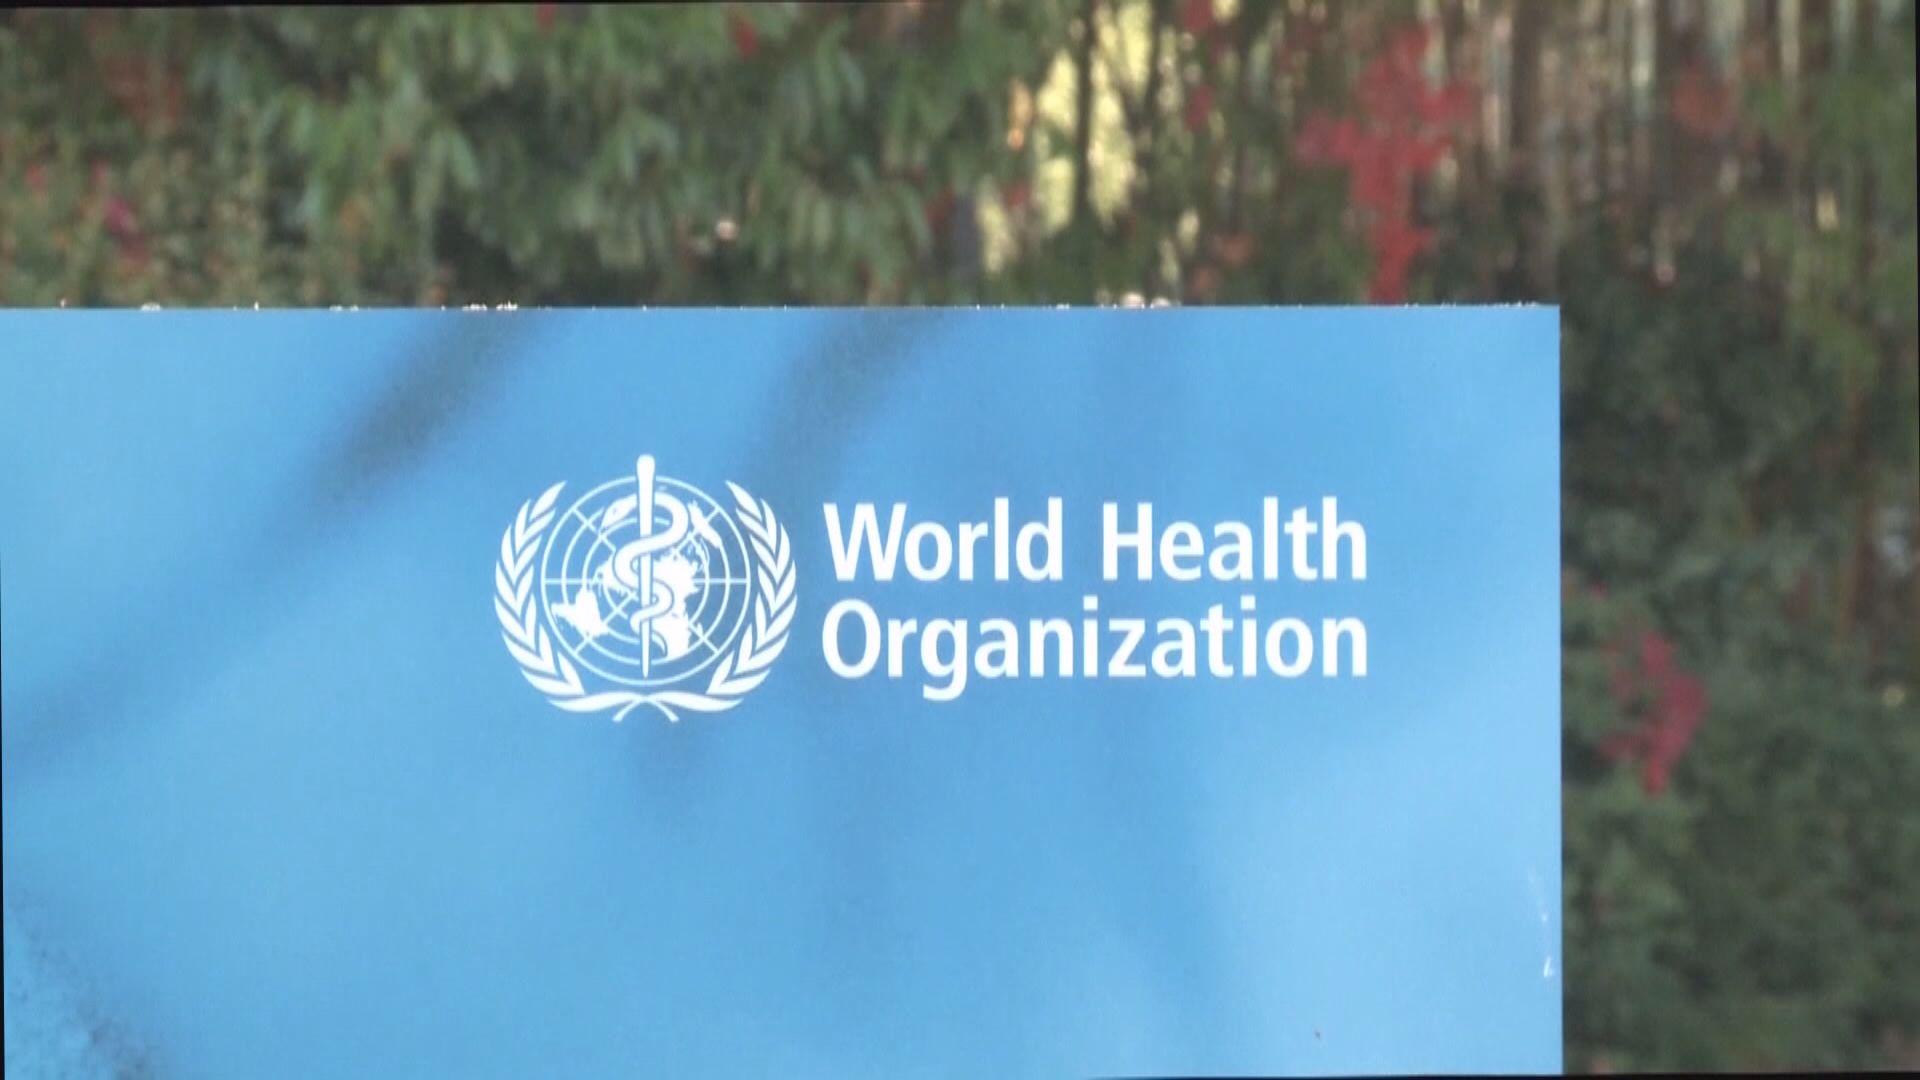 中國辦表彰大會 世衛指疫情未止不能自滿